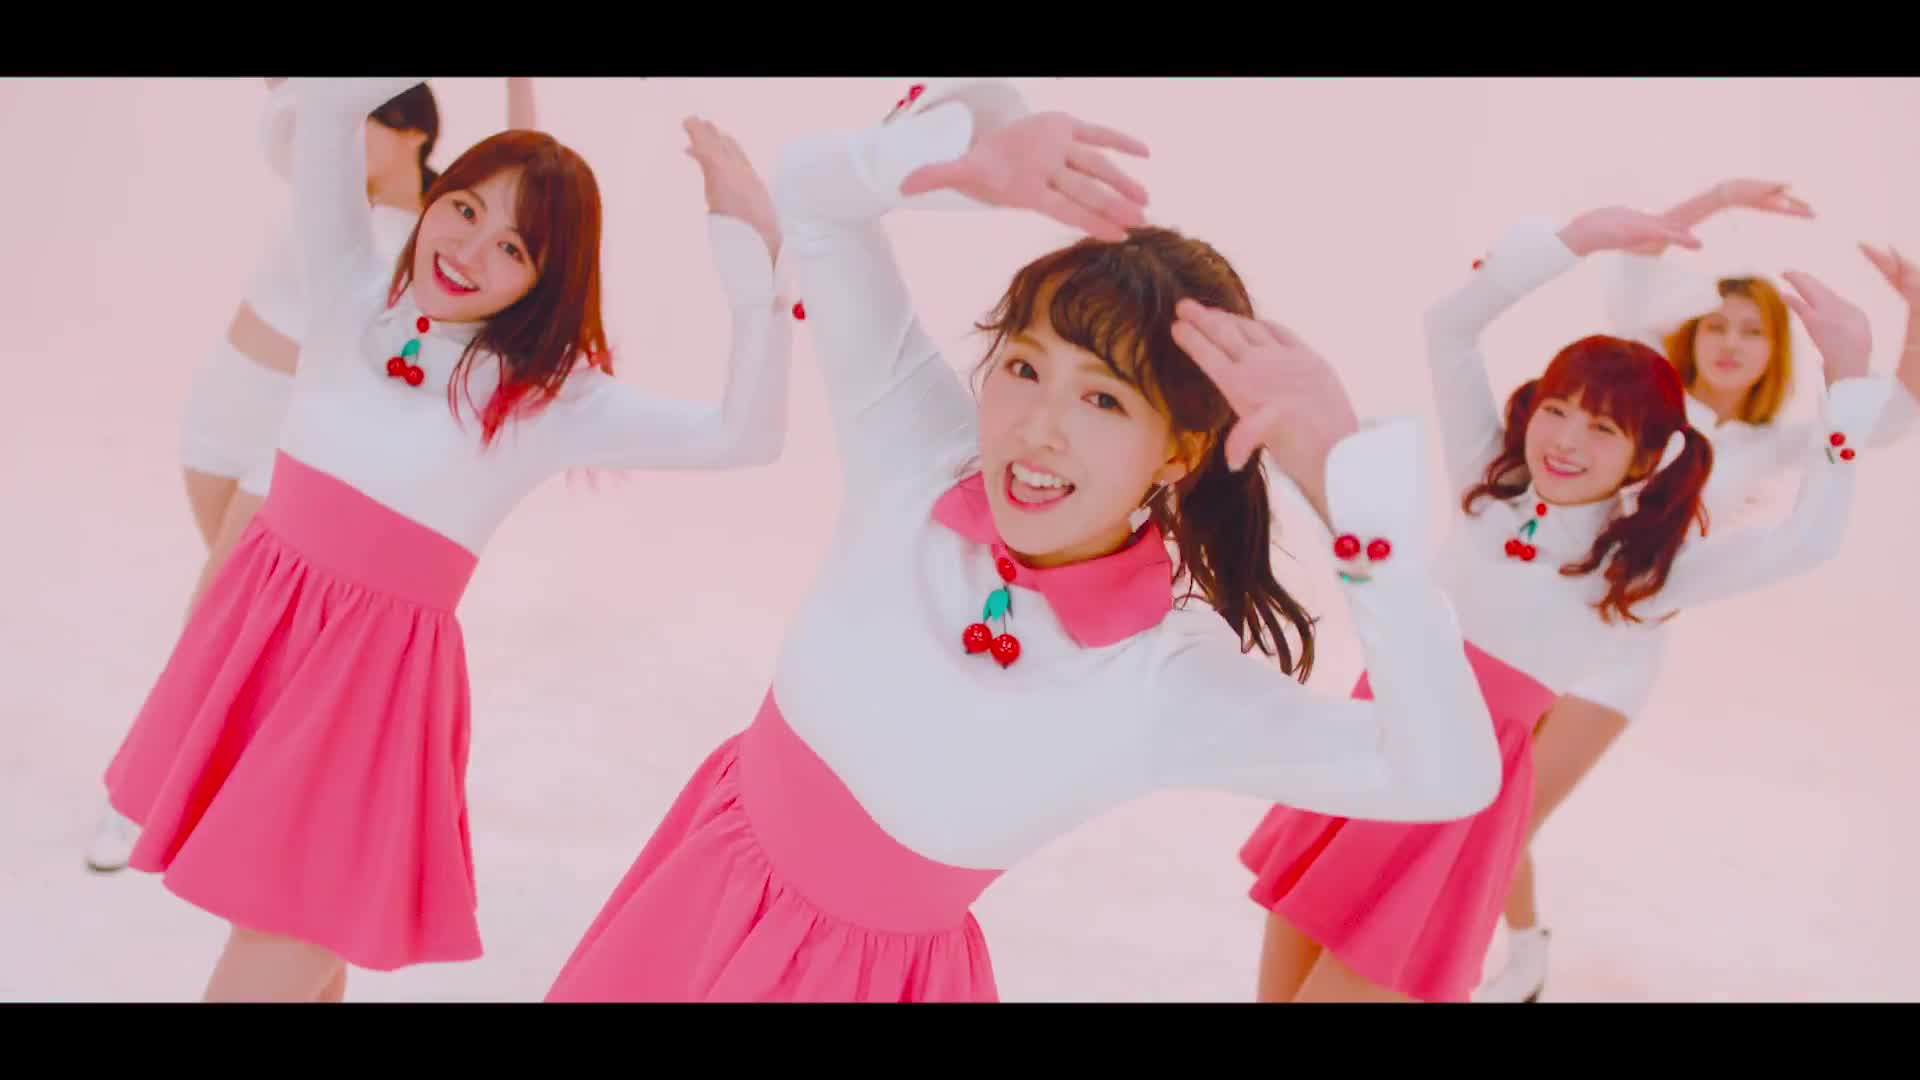 Như chưa từng ném 'gạch đá', fan Kpop 'đổ cái rầm' ca khúc debut của Honey Popcorn